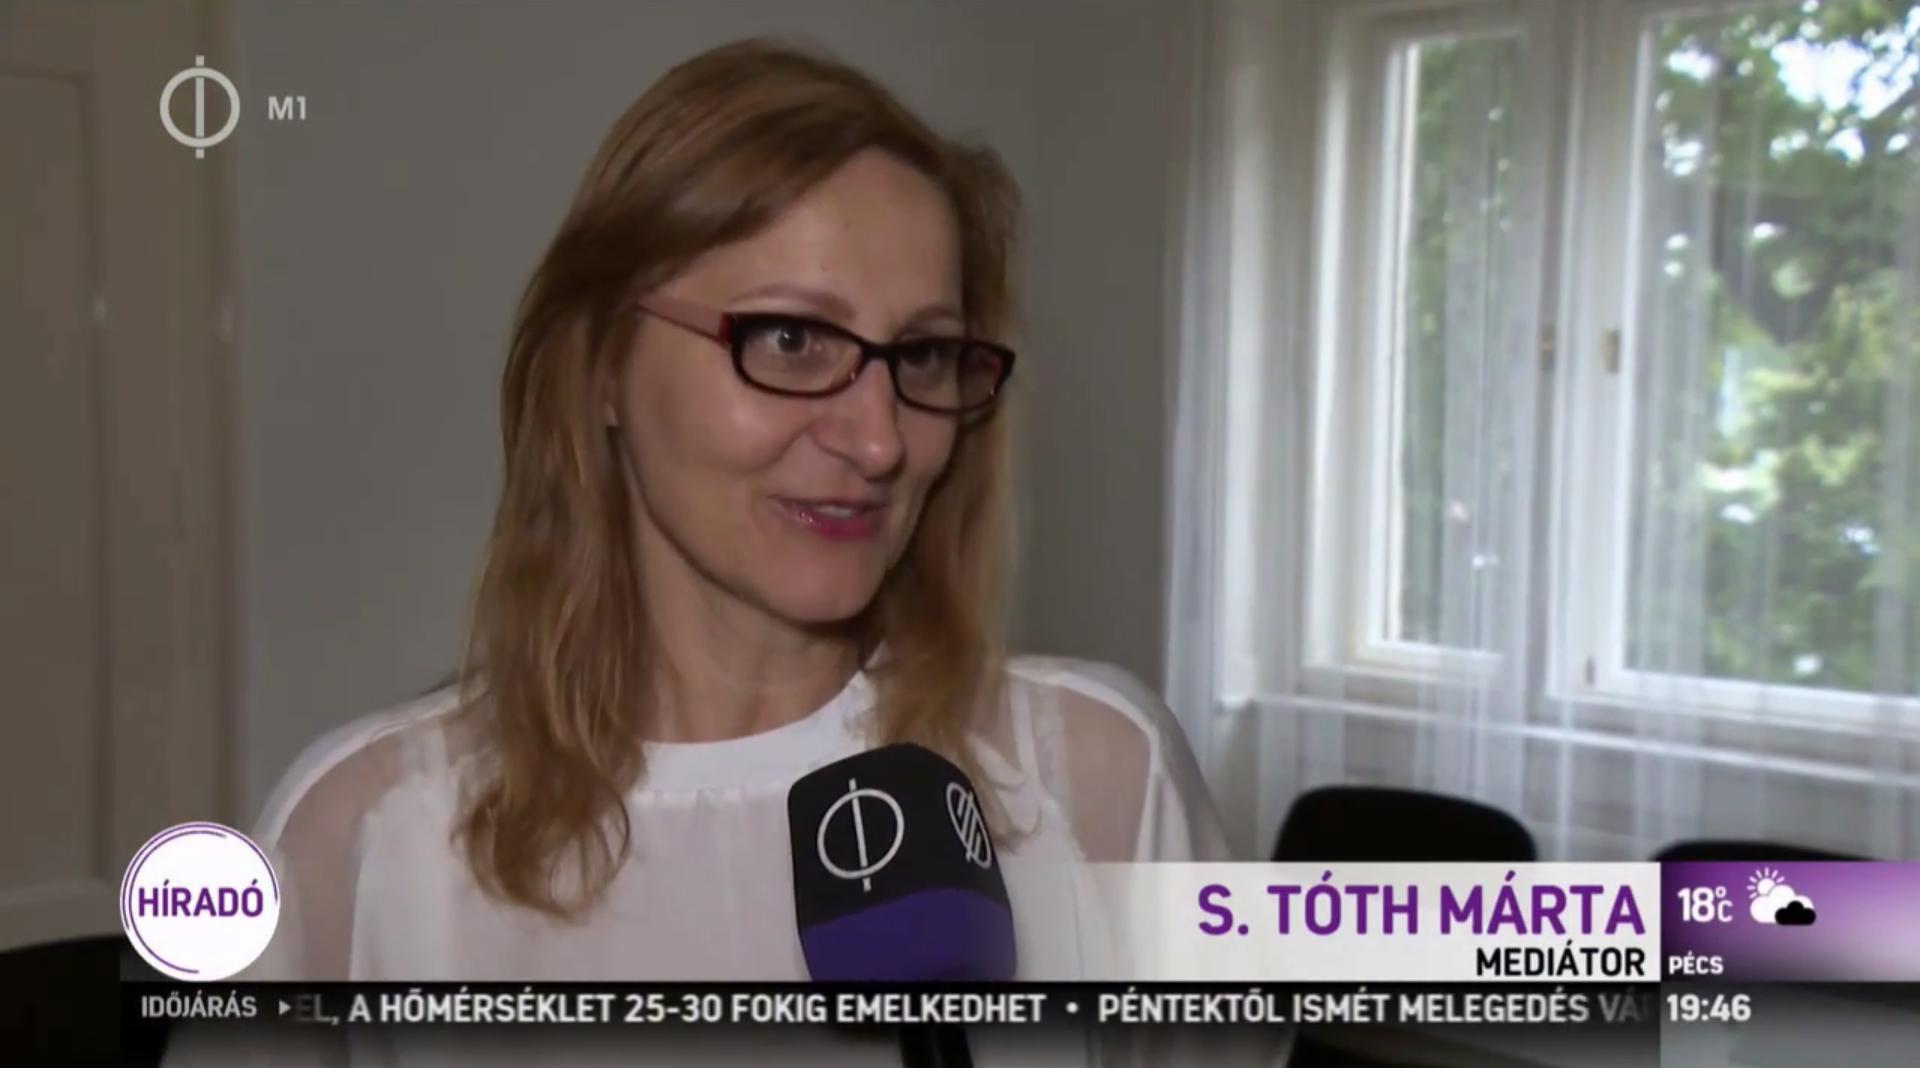 M1 Hírado – S. Toth Marta